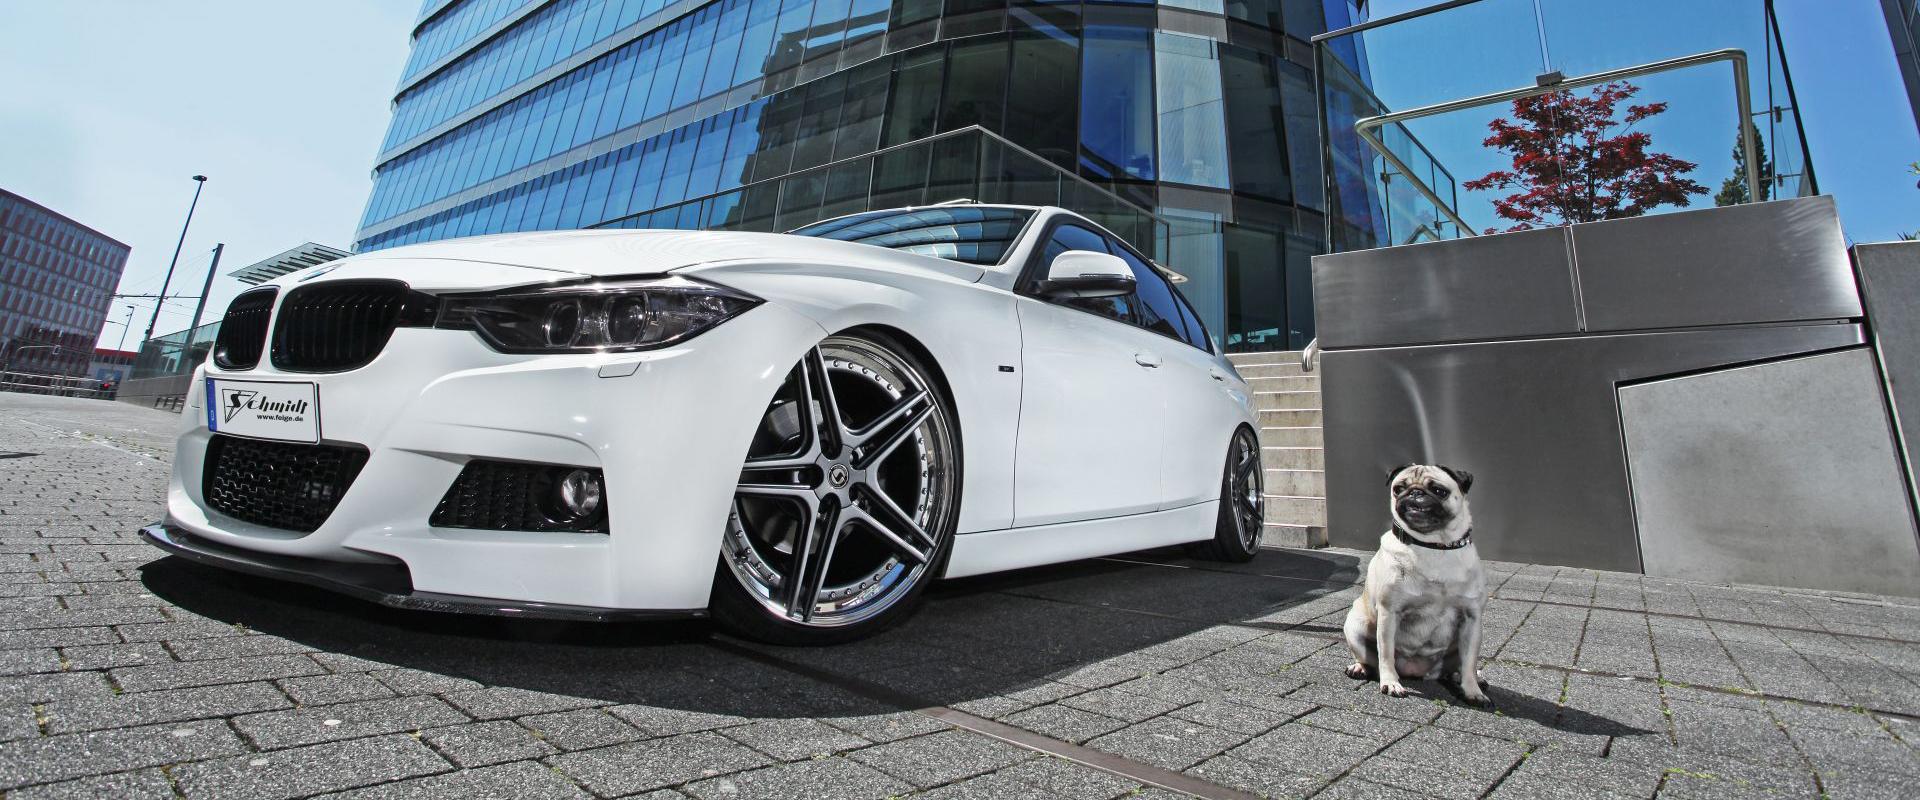 Bmw 3 Series F30 Wheels By Schmidtwheels Fsline Schmidt Wheels